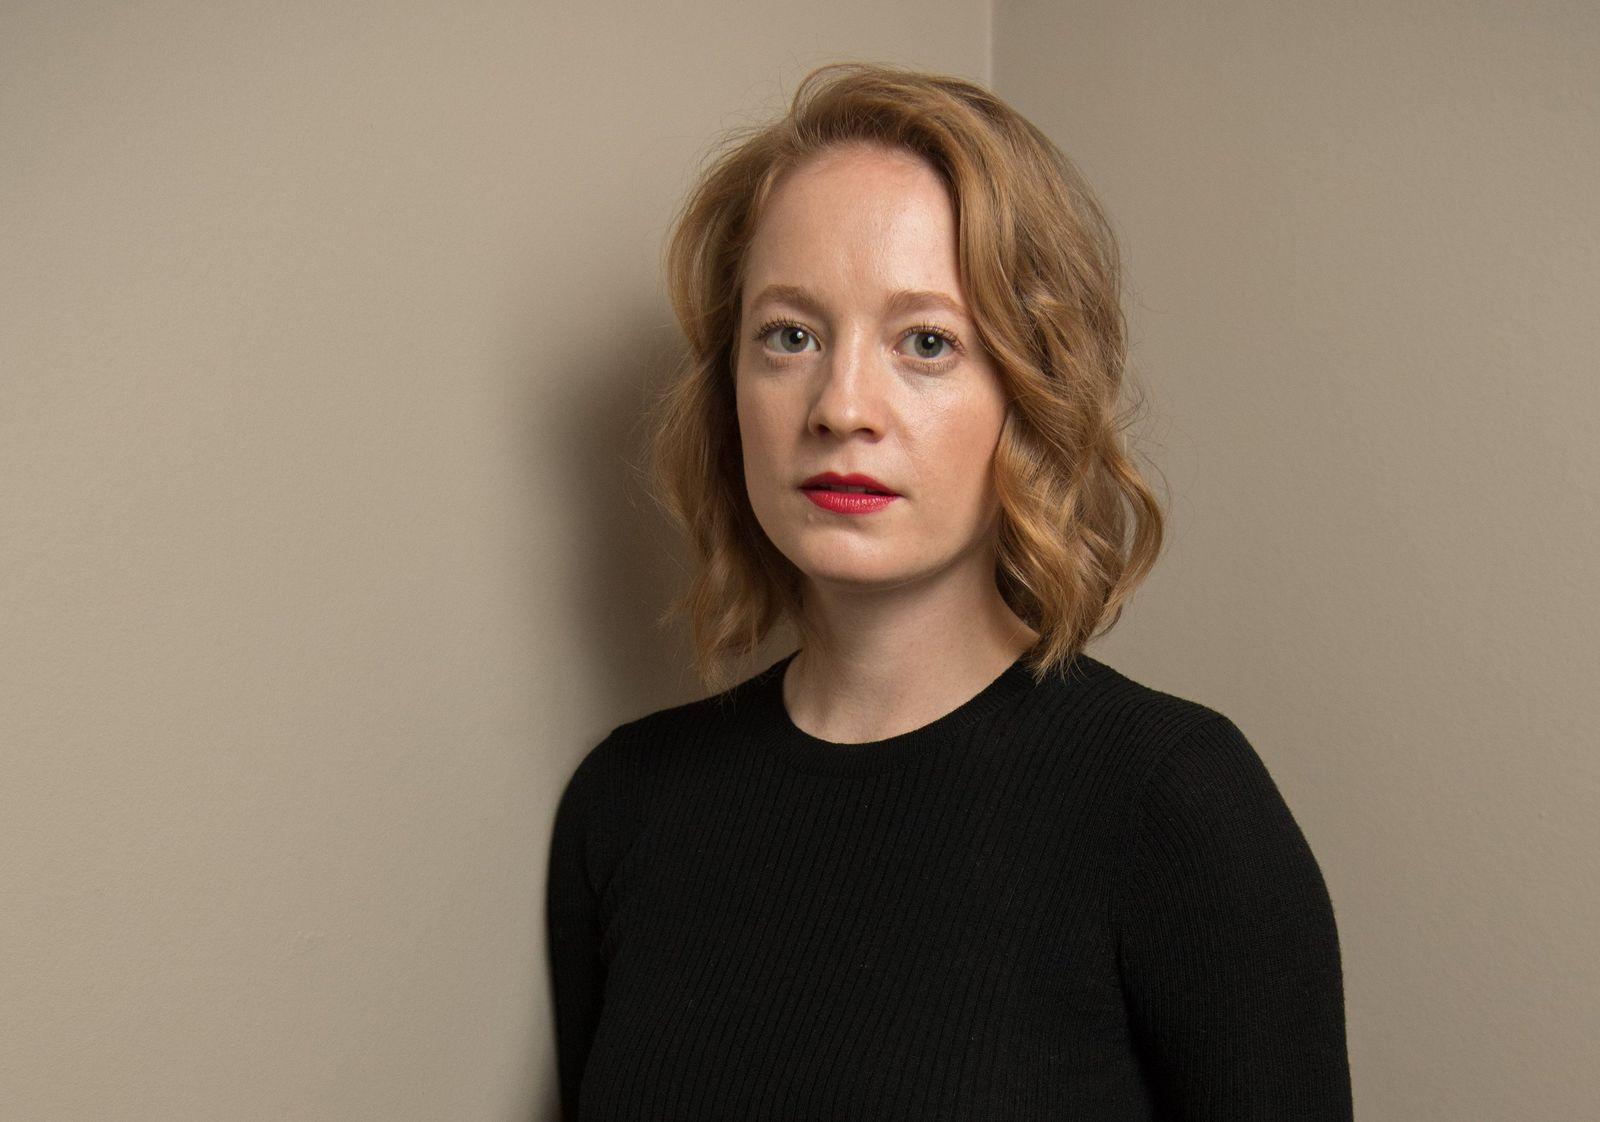 Schauspielerin Leonie Benesch